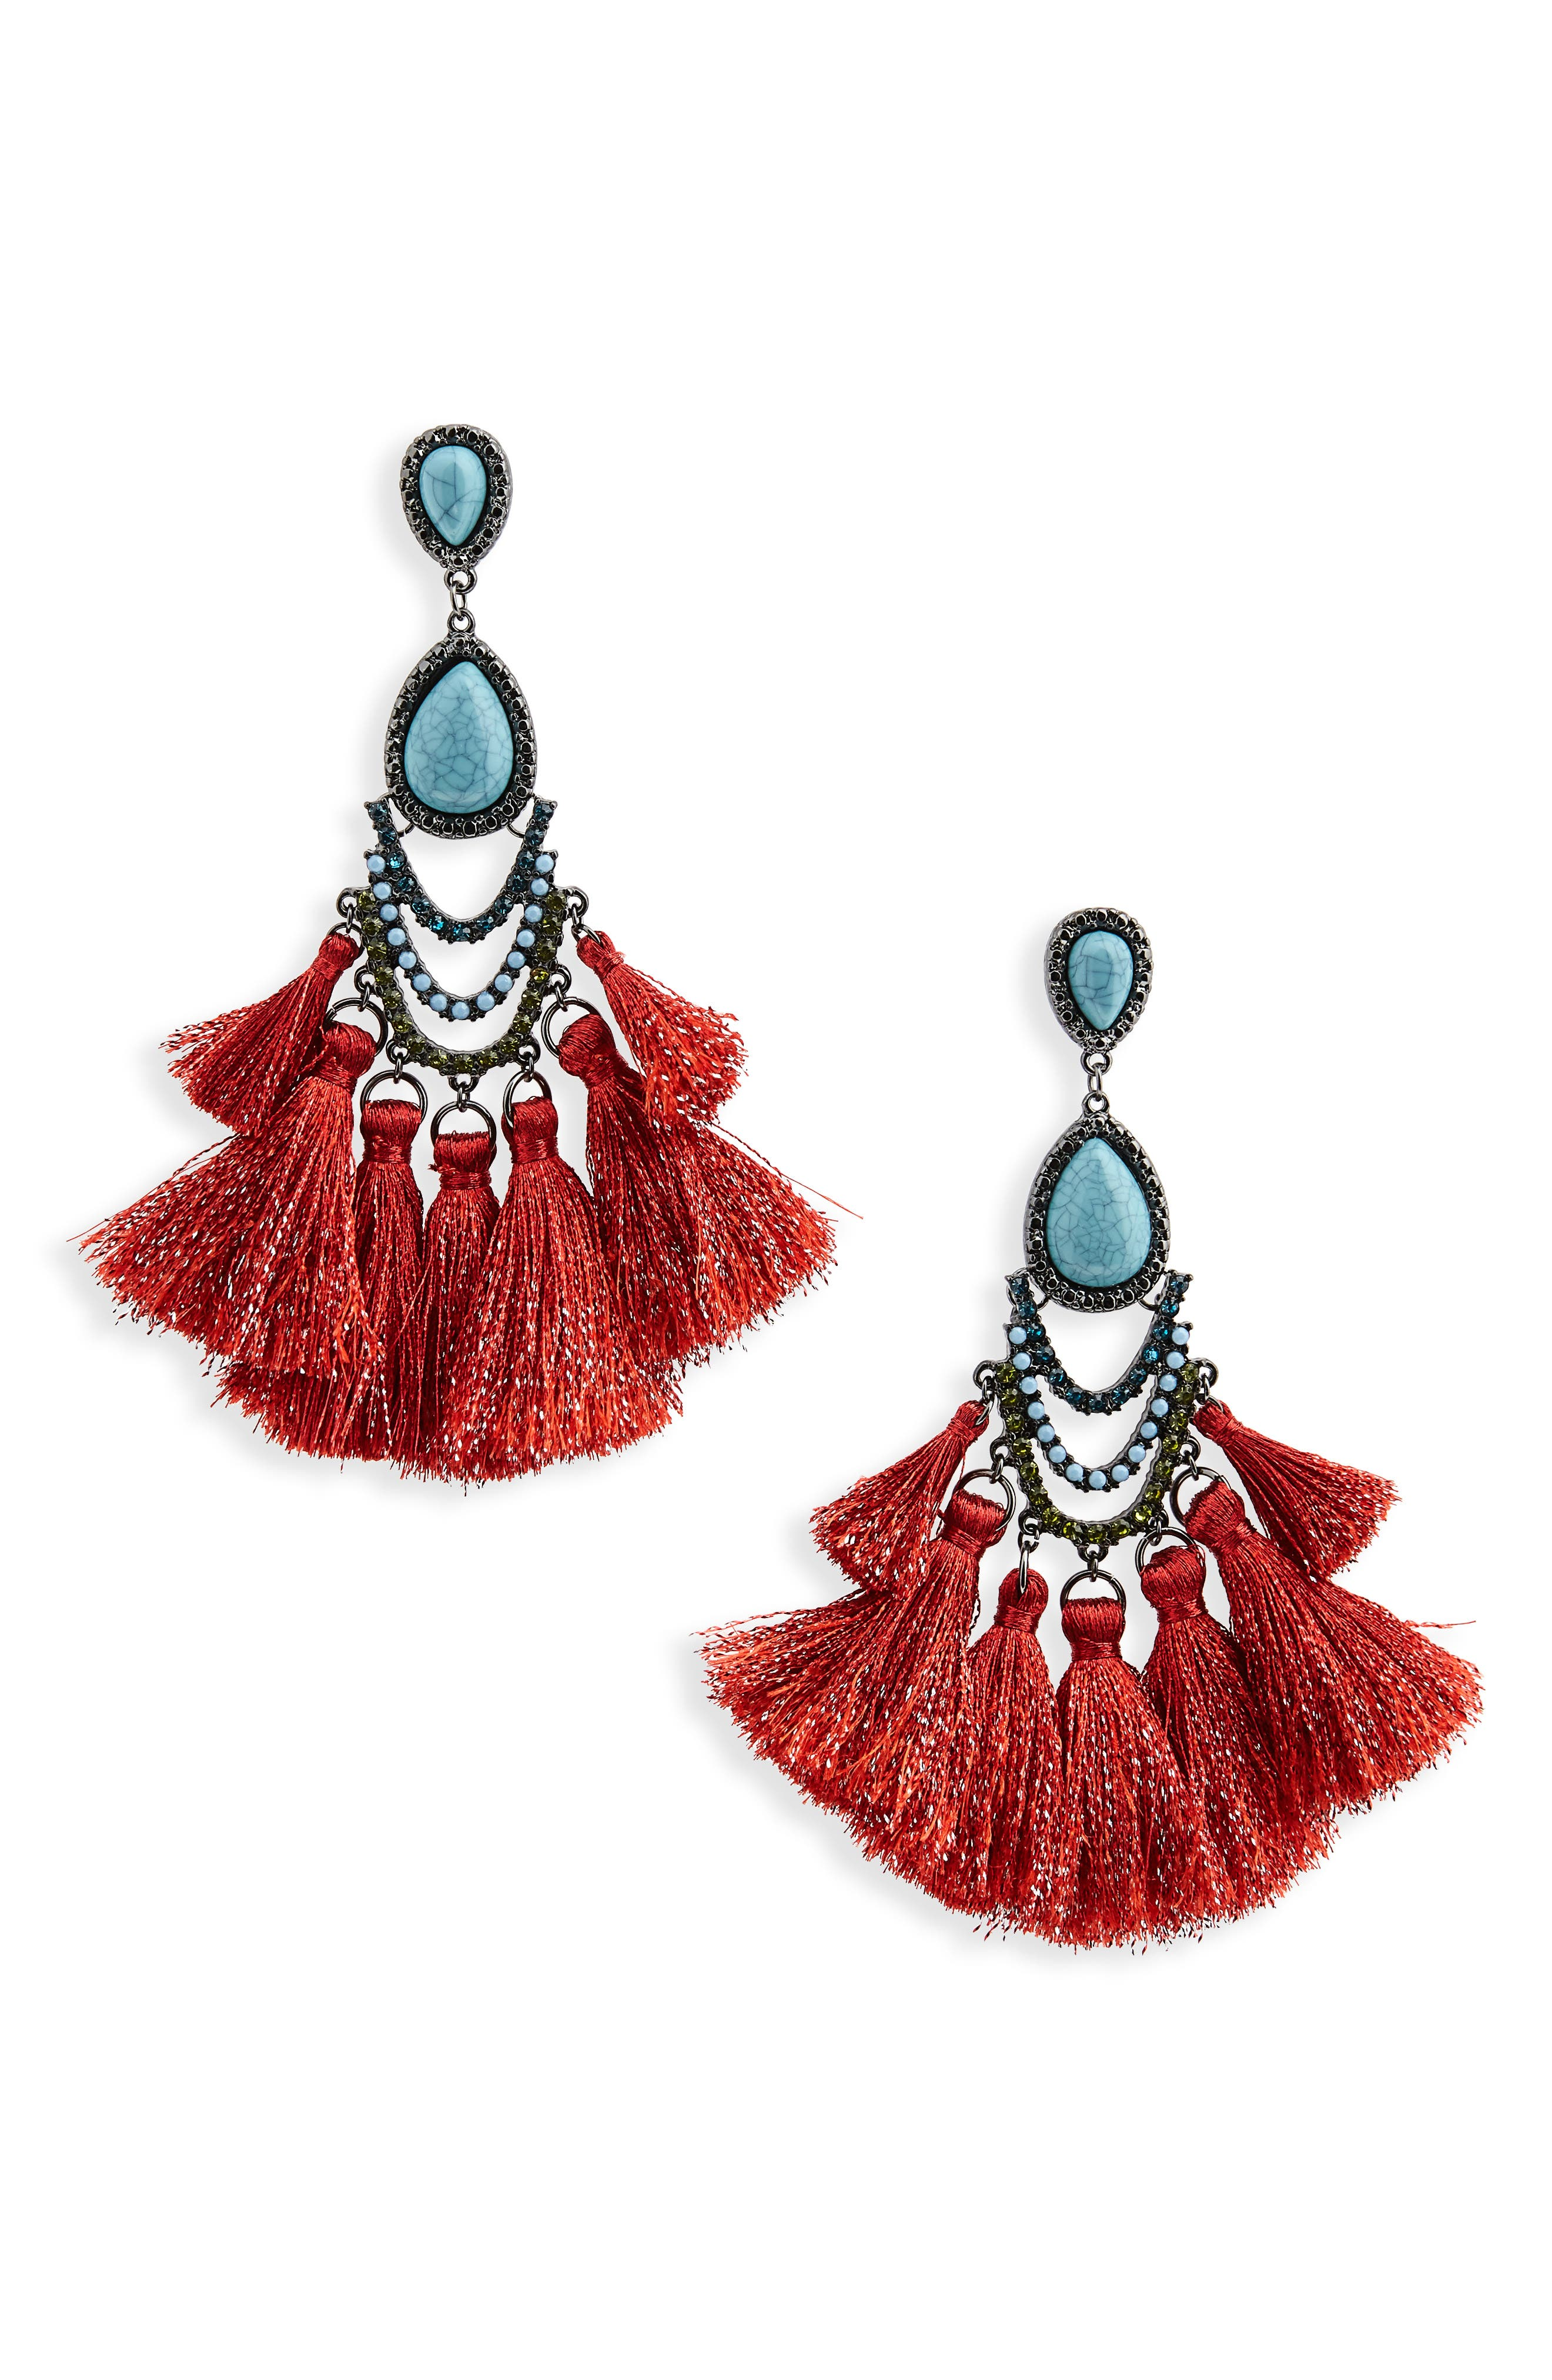 Tassel Drop Earrings,                         Main,                         color, TEAL/ RED/ MULTI